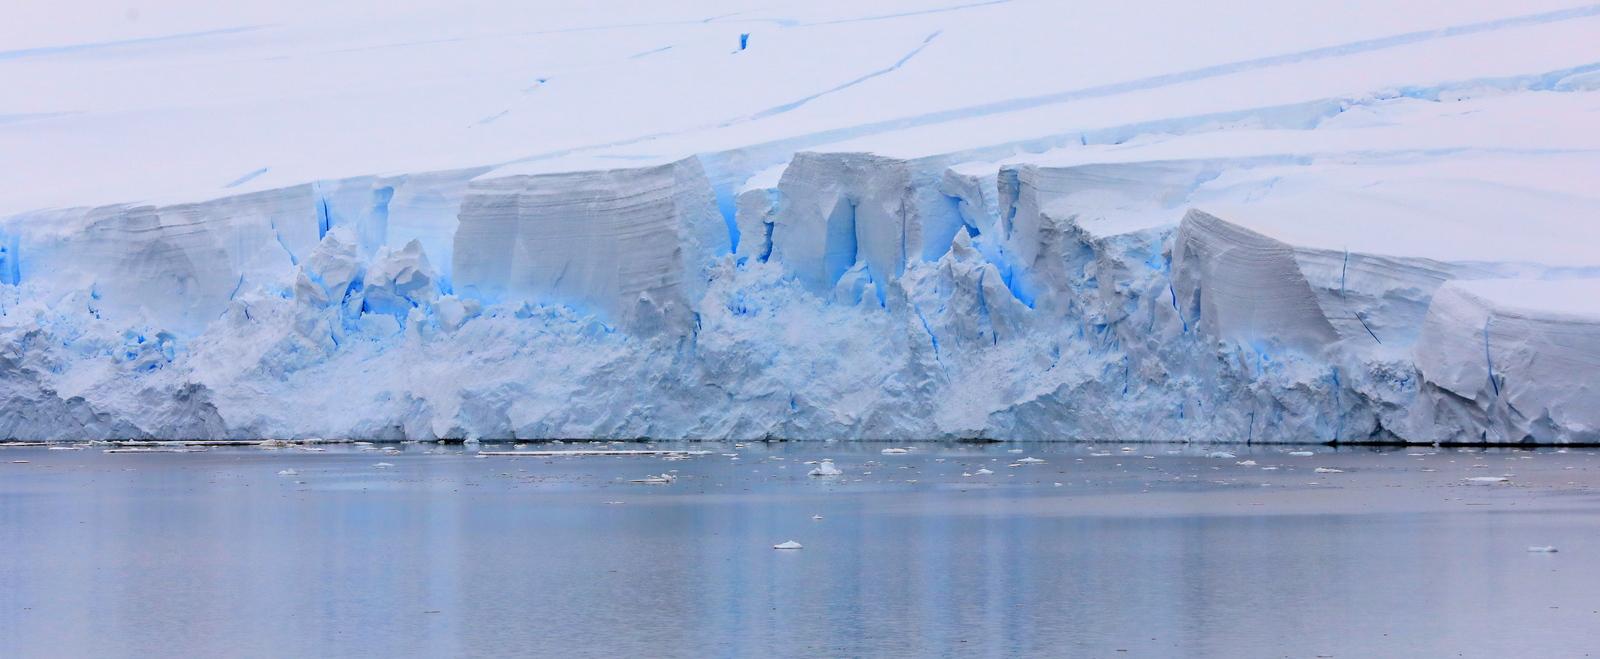 1702_Antarctique_04023_c_sm.jpg